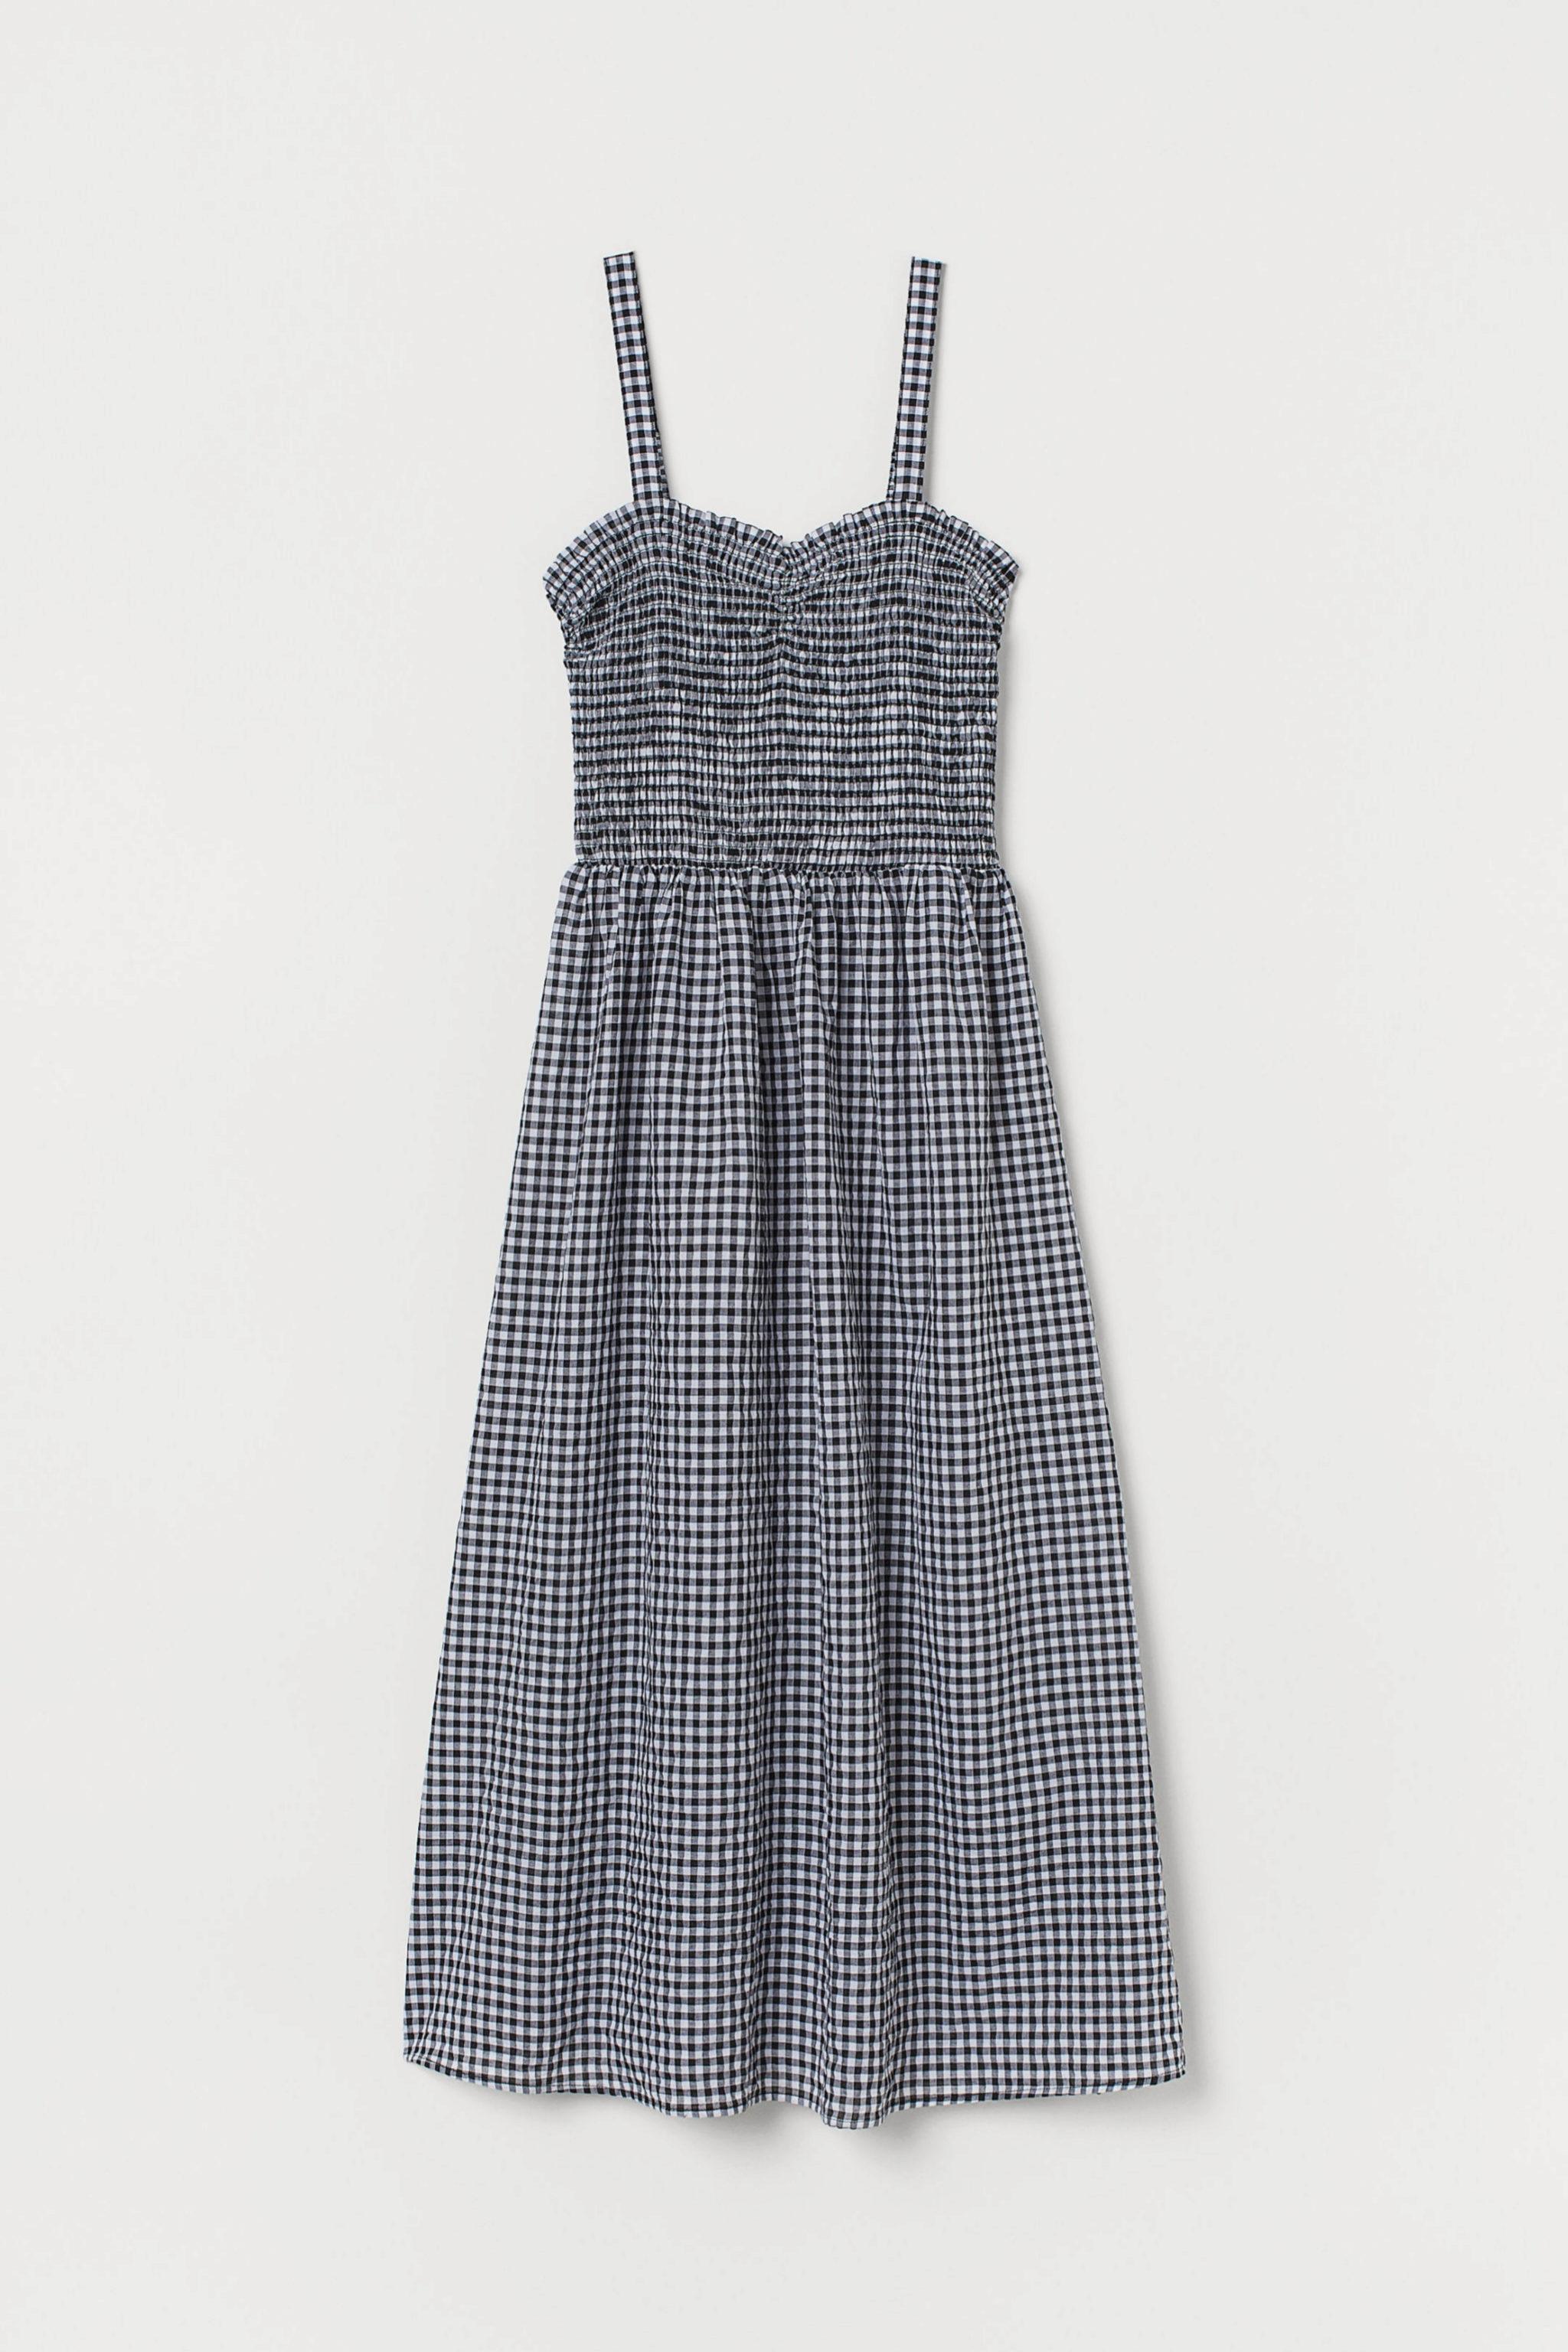 Vestido XL con estampado vichy de H&M